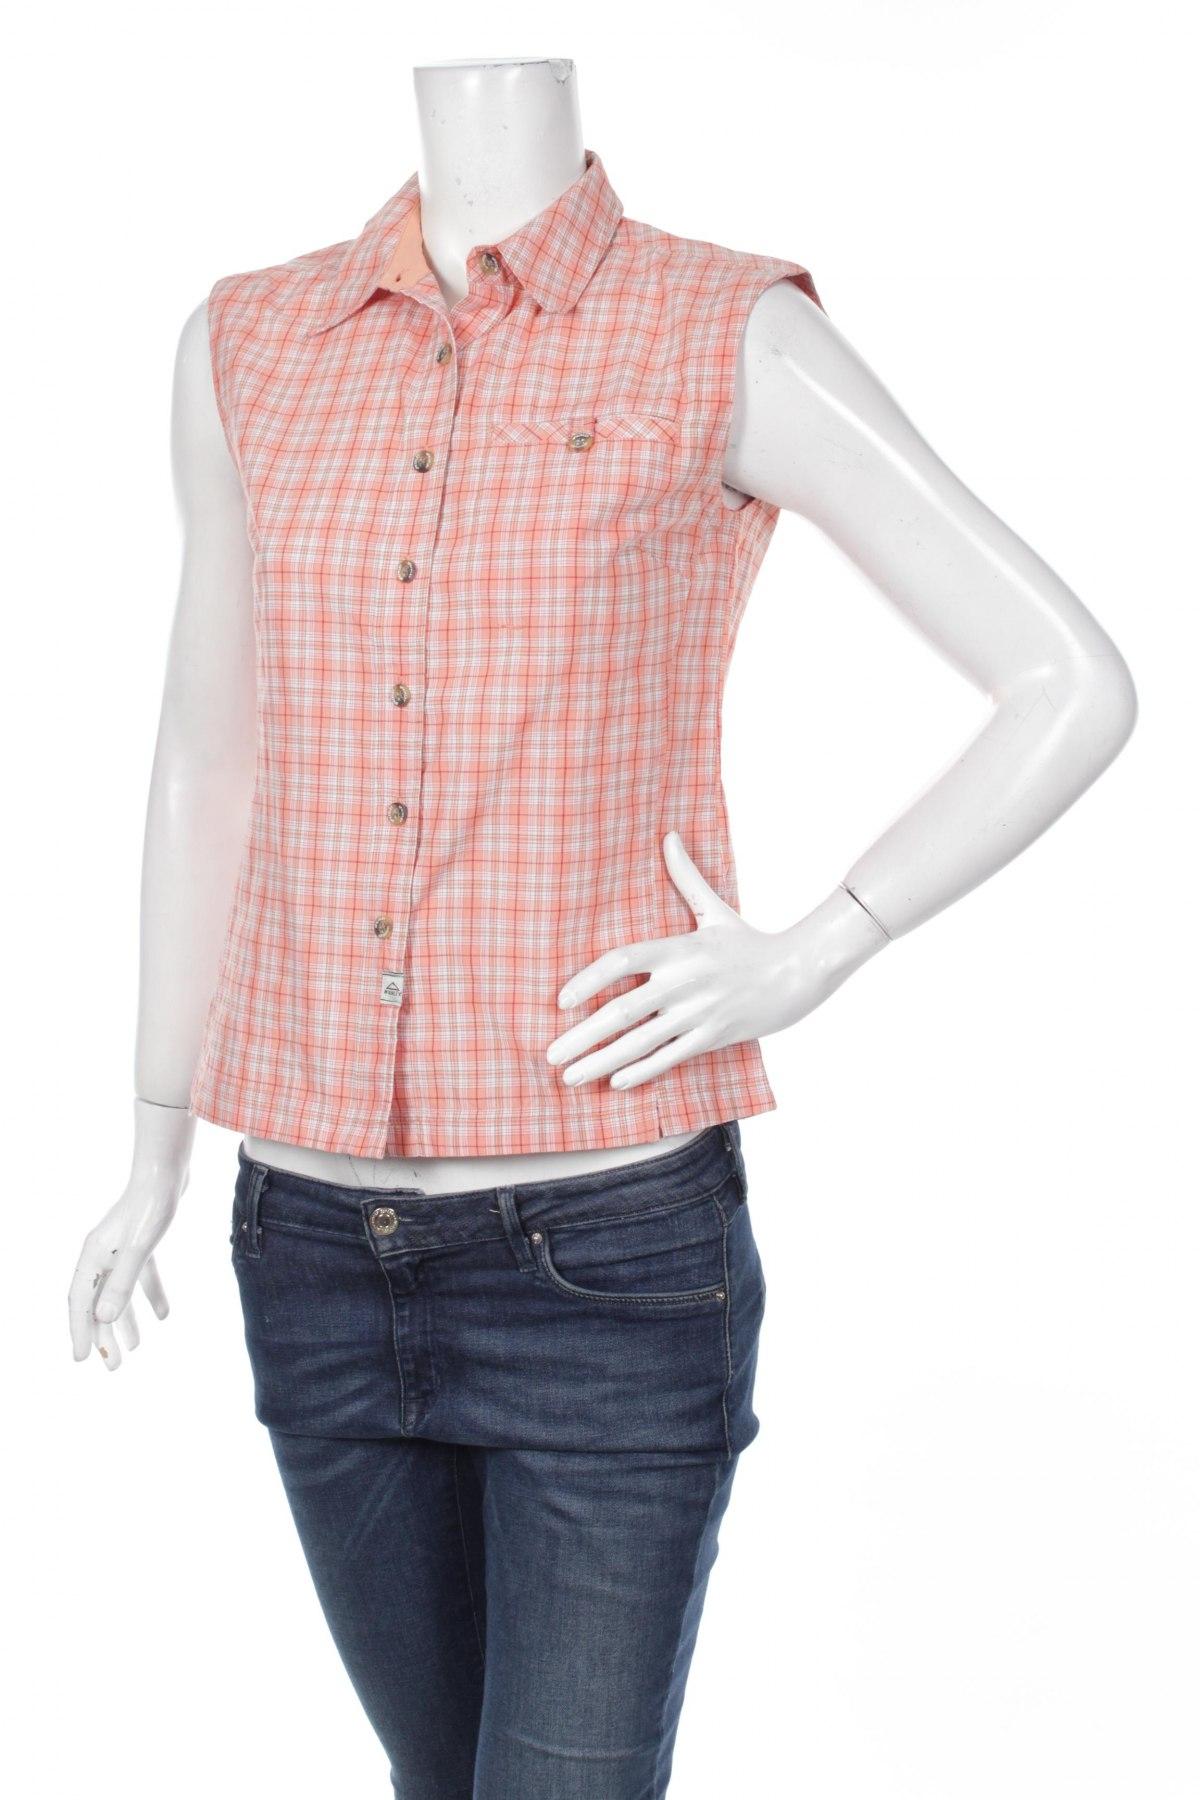 Γυναικείο πουκάμισο Mc Kinley